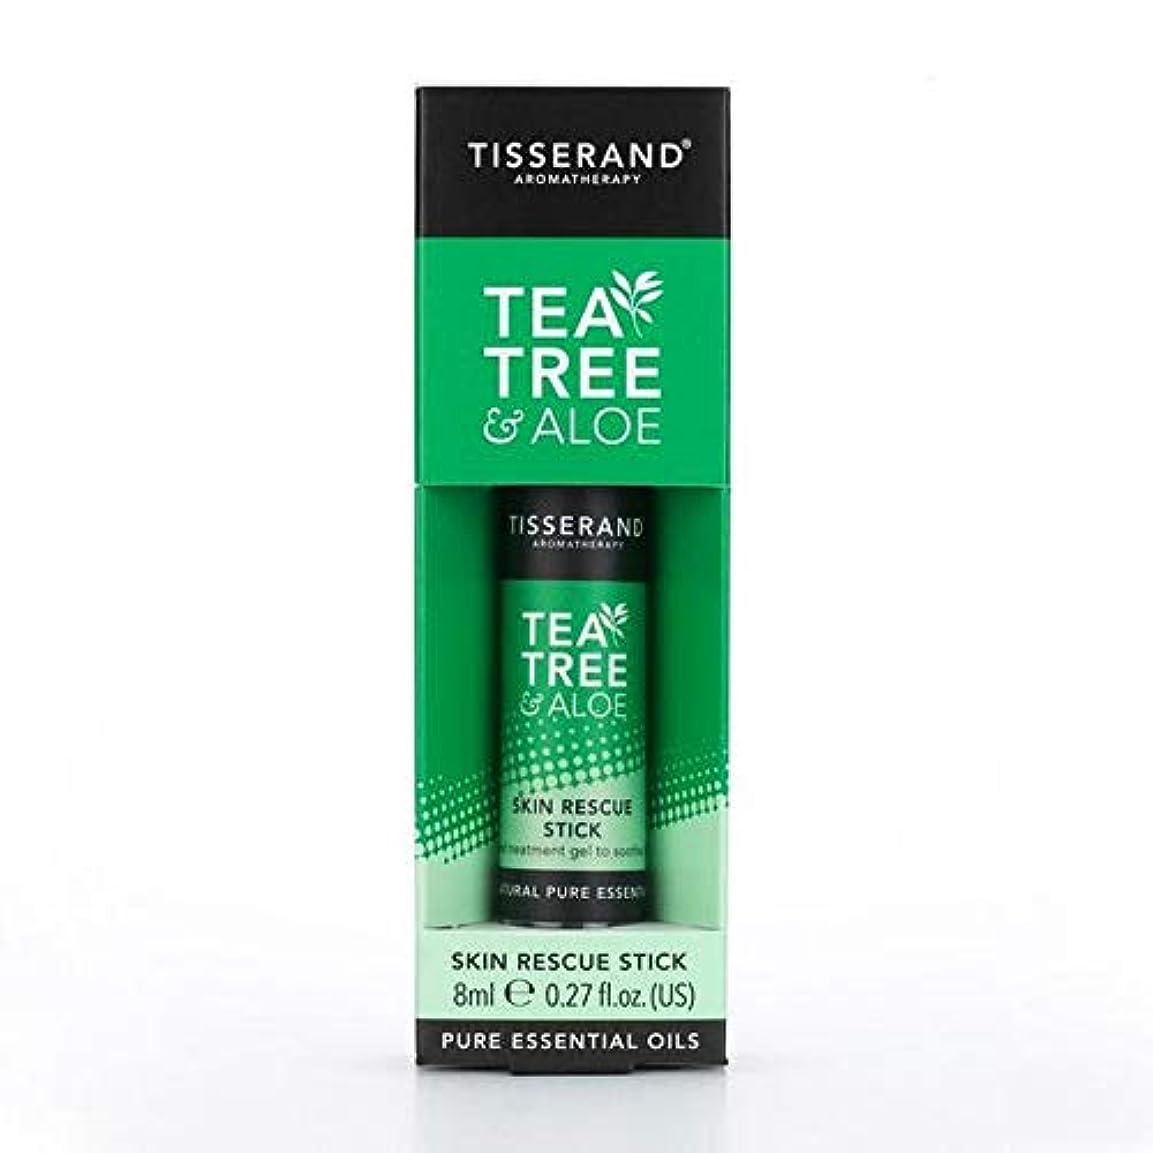 泣いている写真の刺す[Tisserand] ティスランドティーツリー&アロエレスキュースティック8ミリリットル - Tisserand Tea Tree & Aloe Rescue Stick 8ml [並行輸入品]